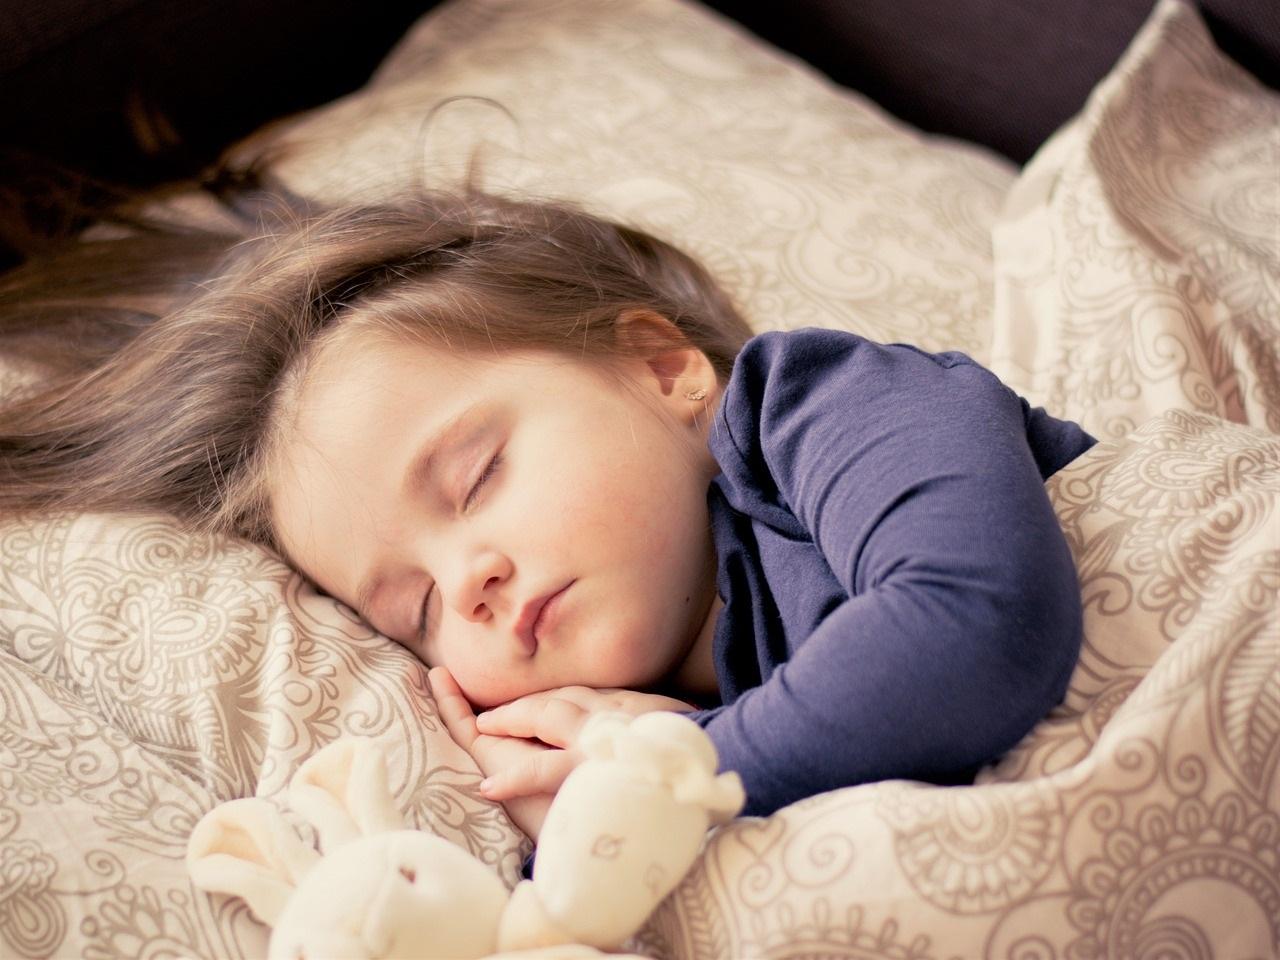 冬にぐっすりすやすやの眠りを手に入れる方法